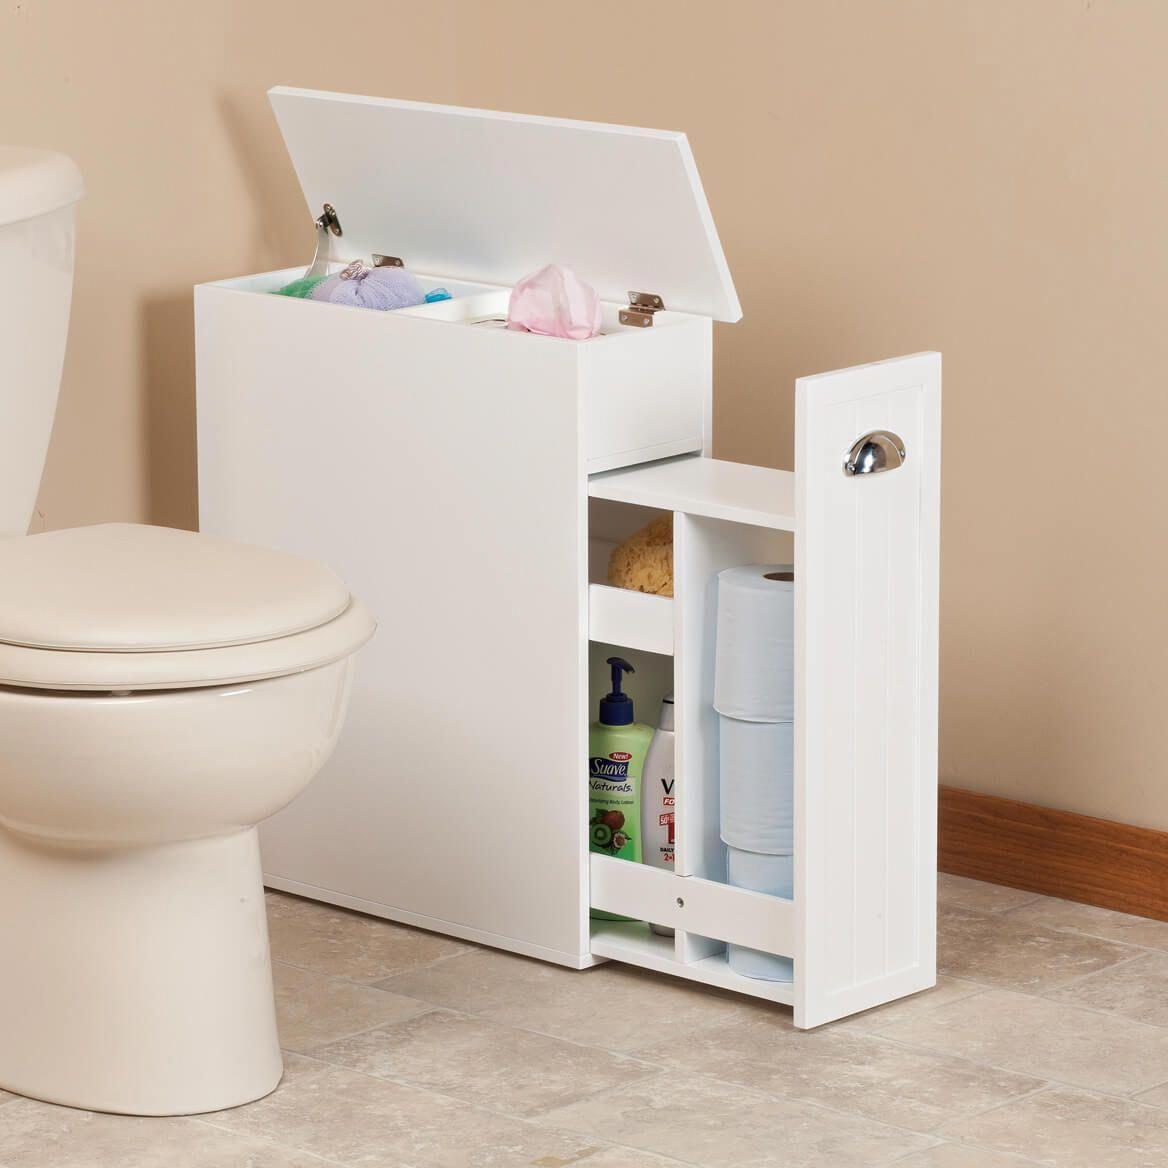 Как организовать порядок в ванной фото 11